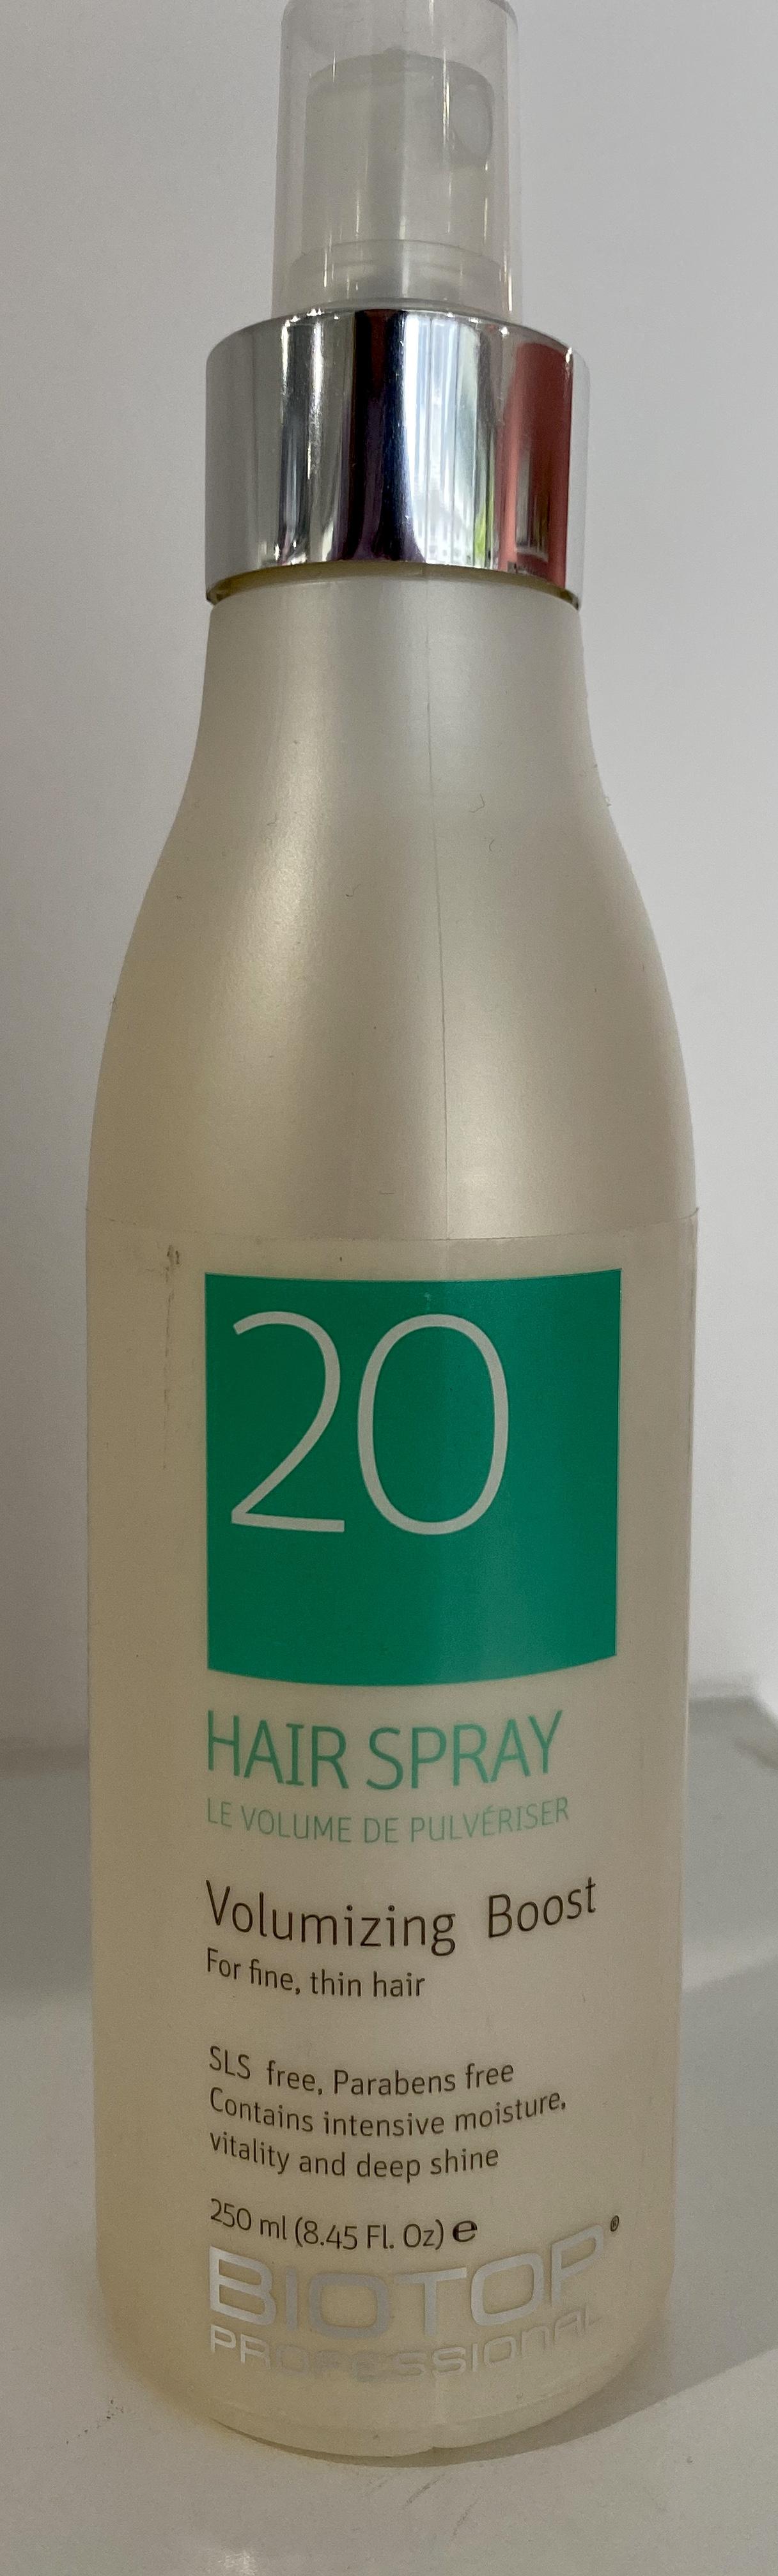 20 Volumizing Hair Spray